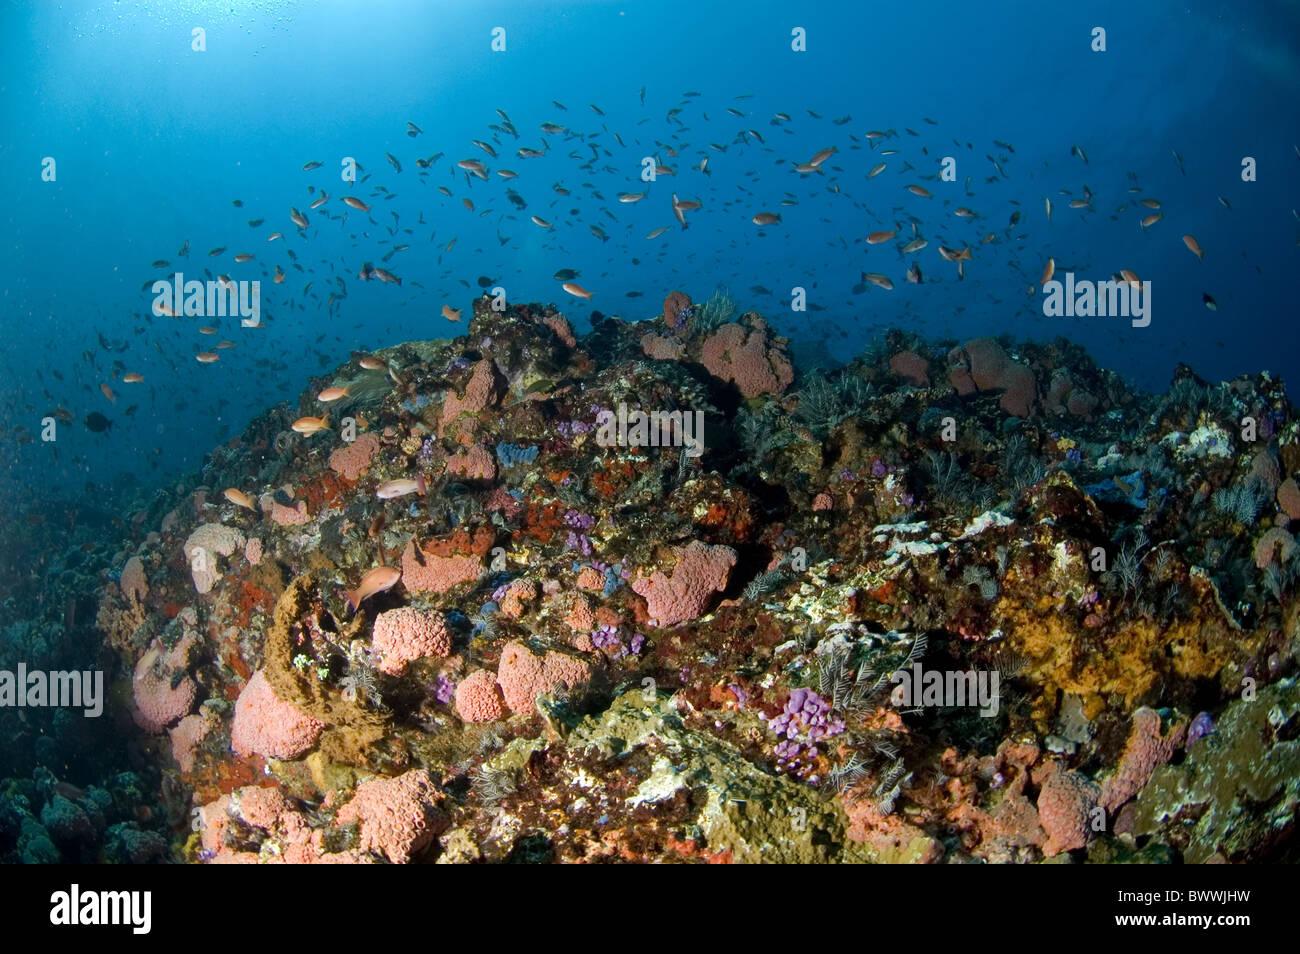 Pesce di mare reef sun coralli marini immersioni isola di for Immagini coralli marini